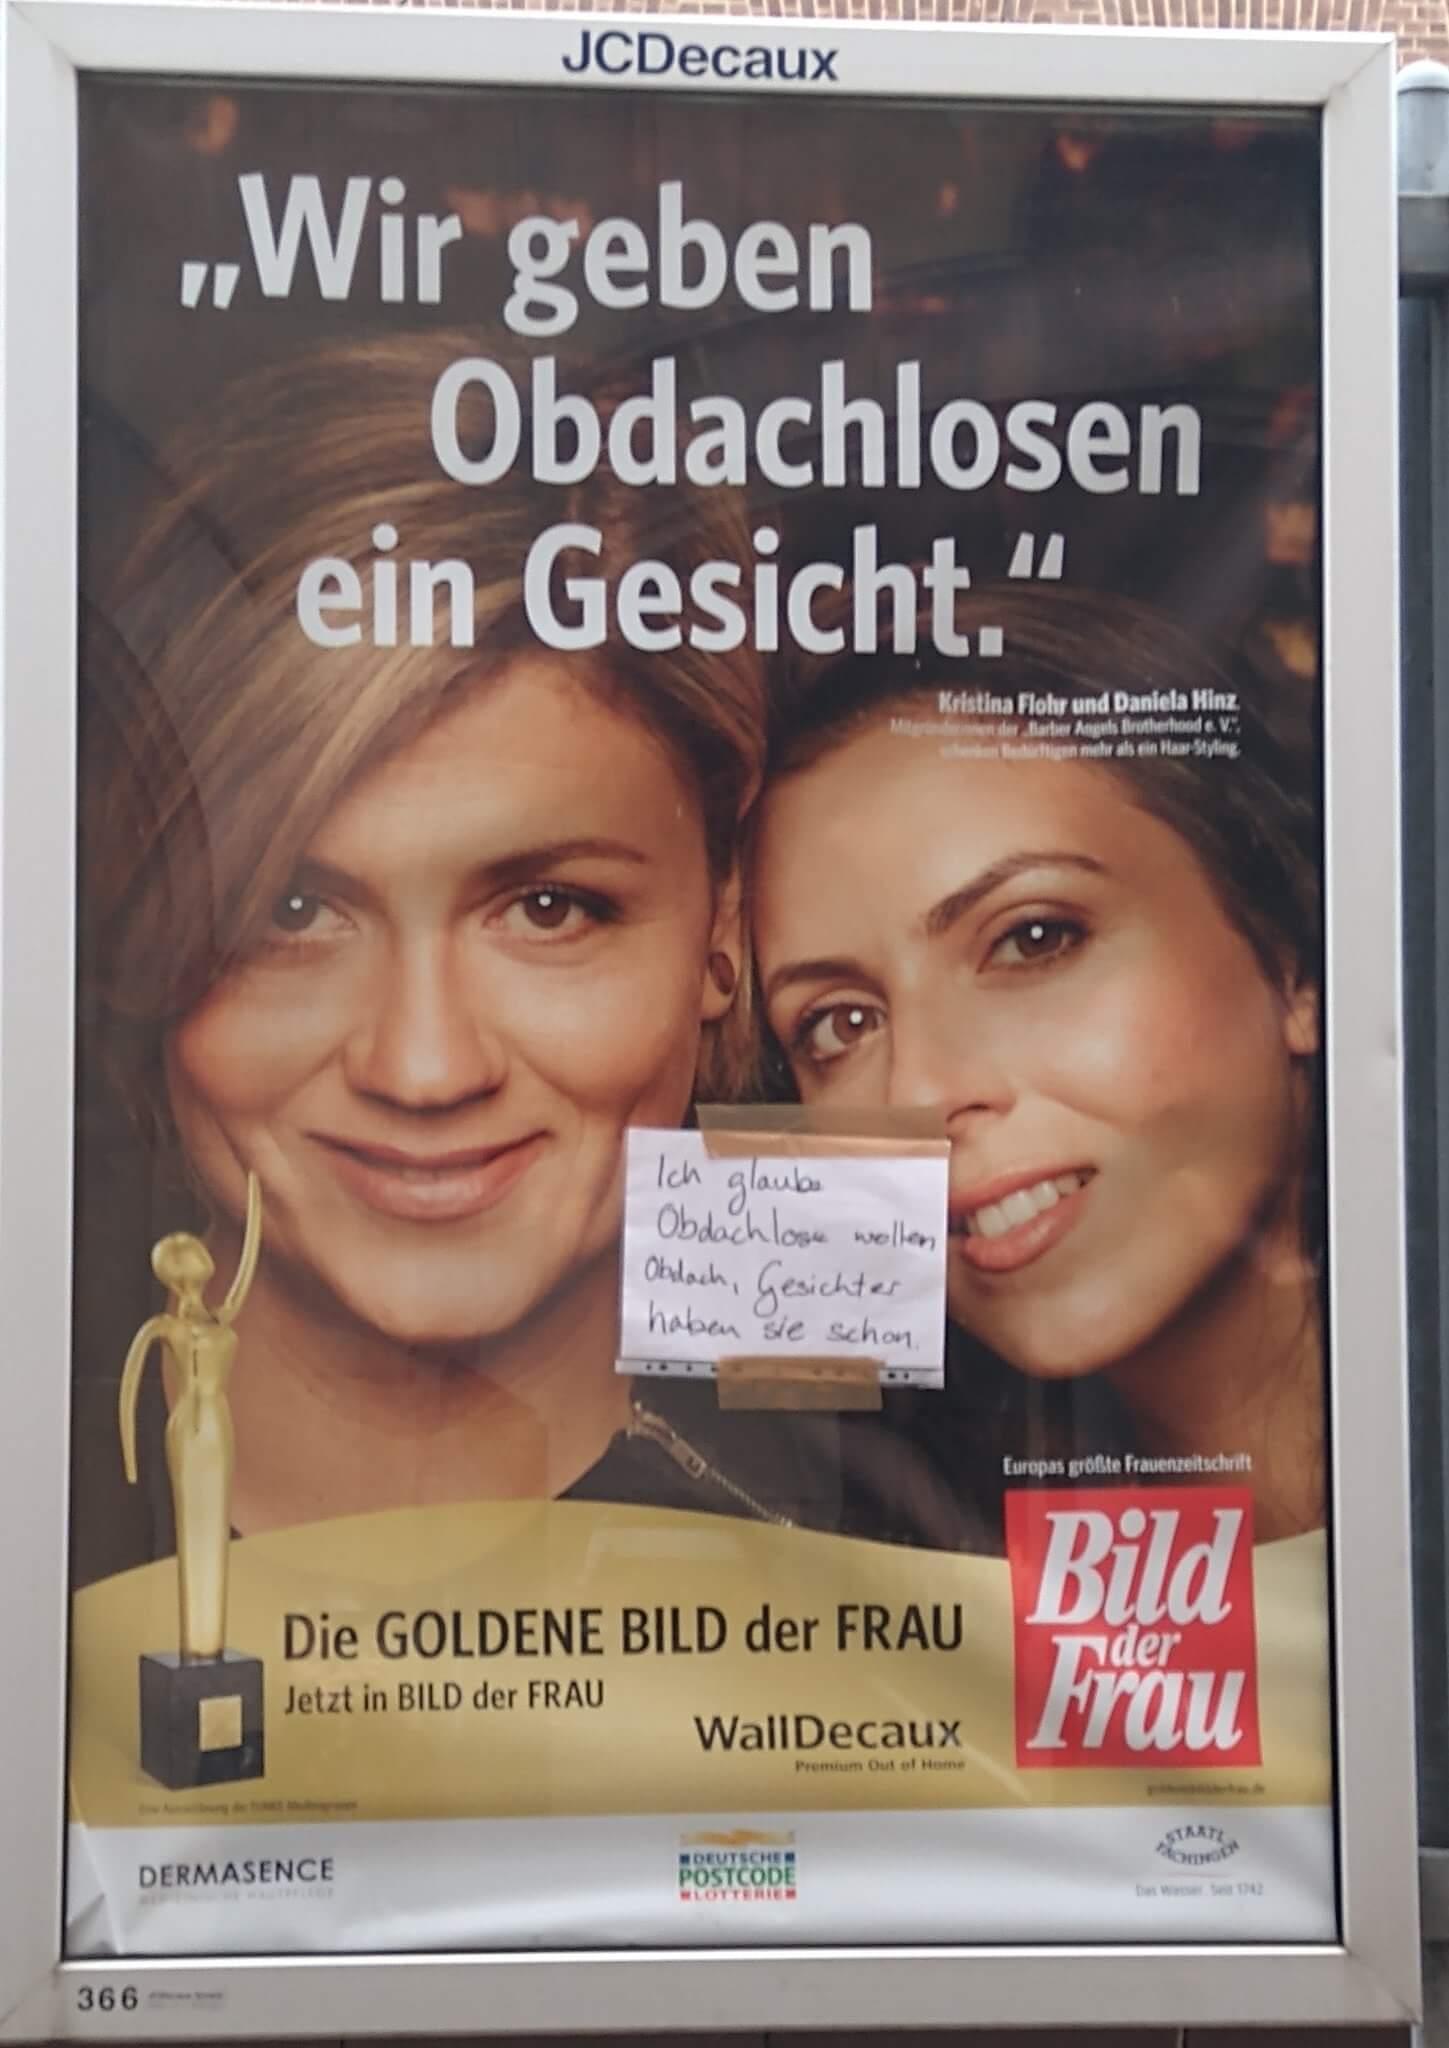 Bilderparade DCXXIV LangweileDich.net_Bilderparade_DCXXIV_43